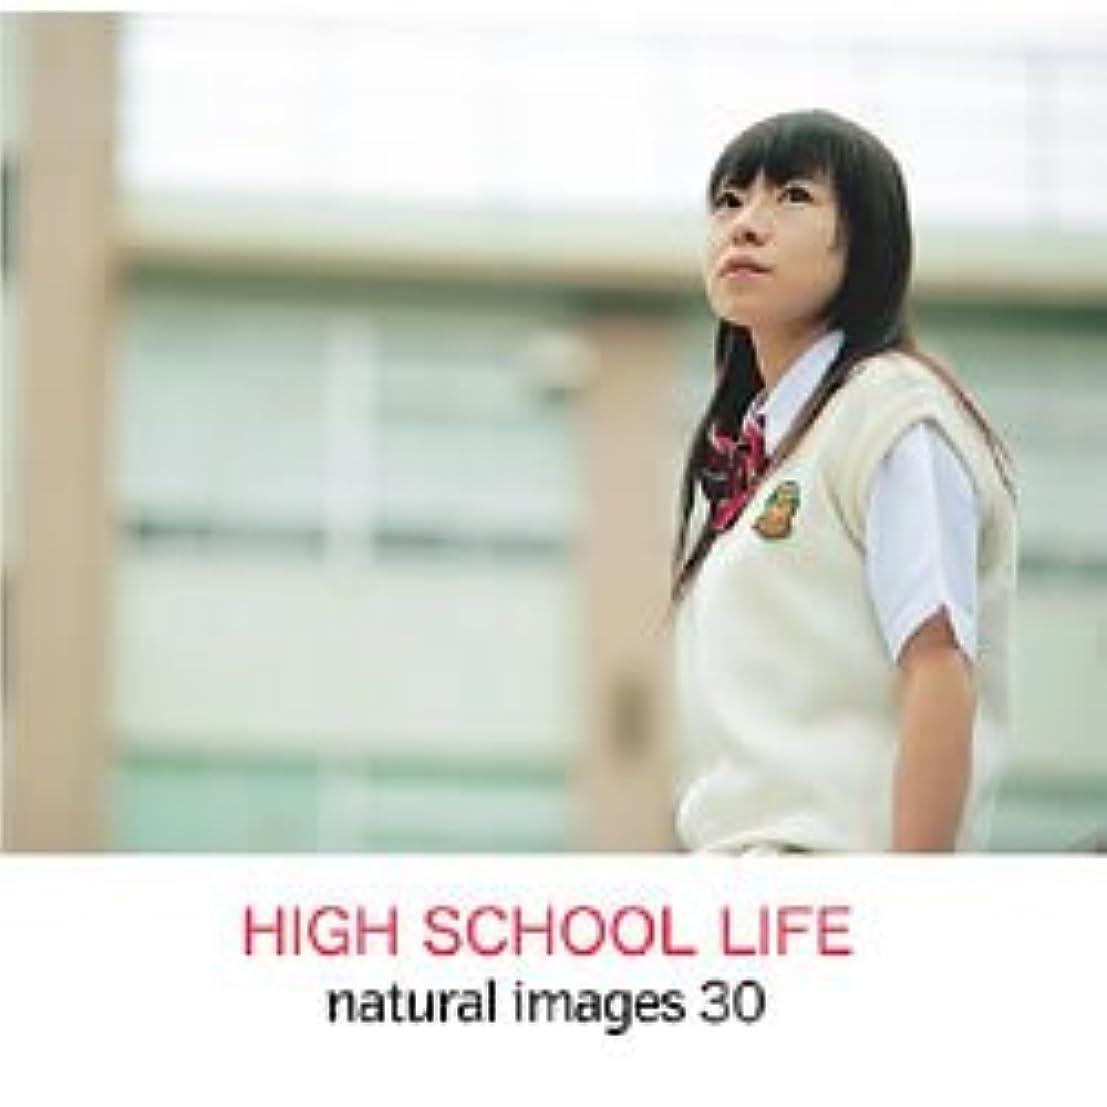 裏切るリマ有益natural images Vol.30 High School Life